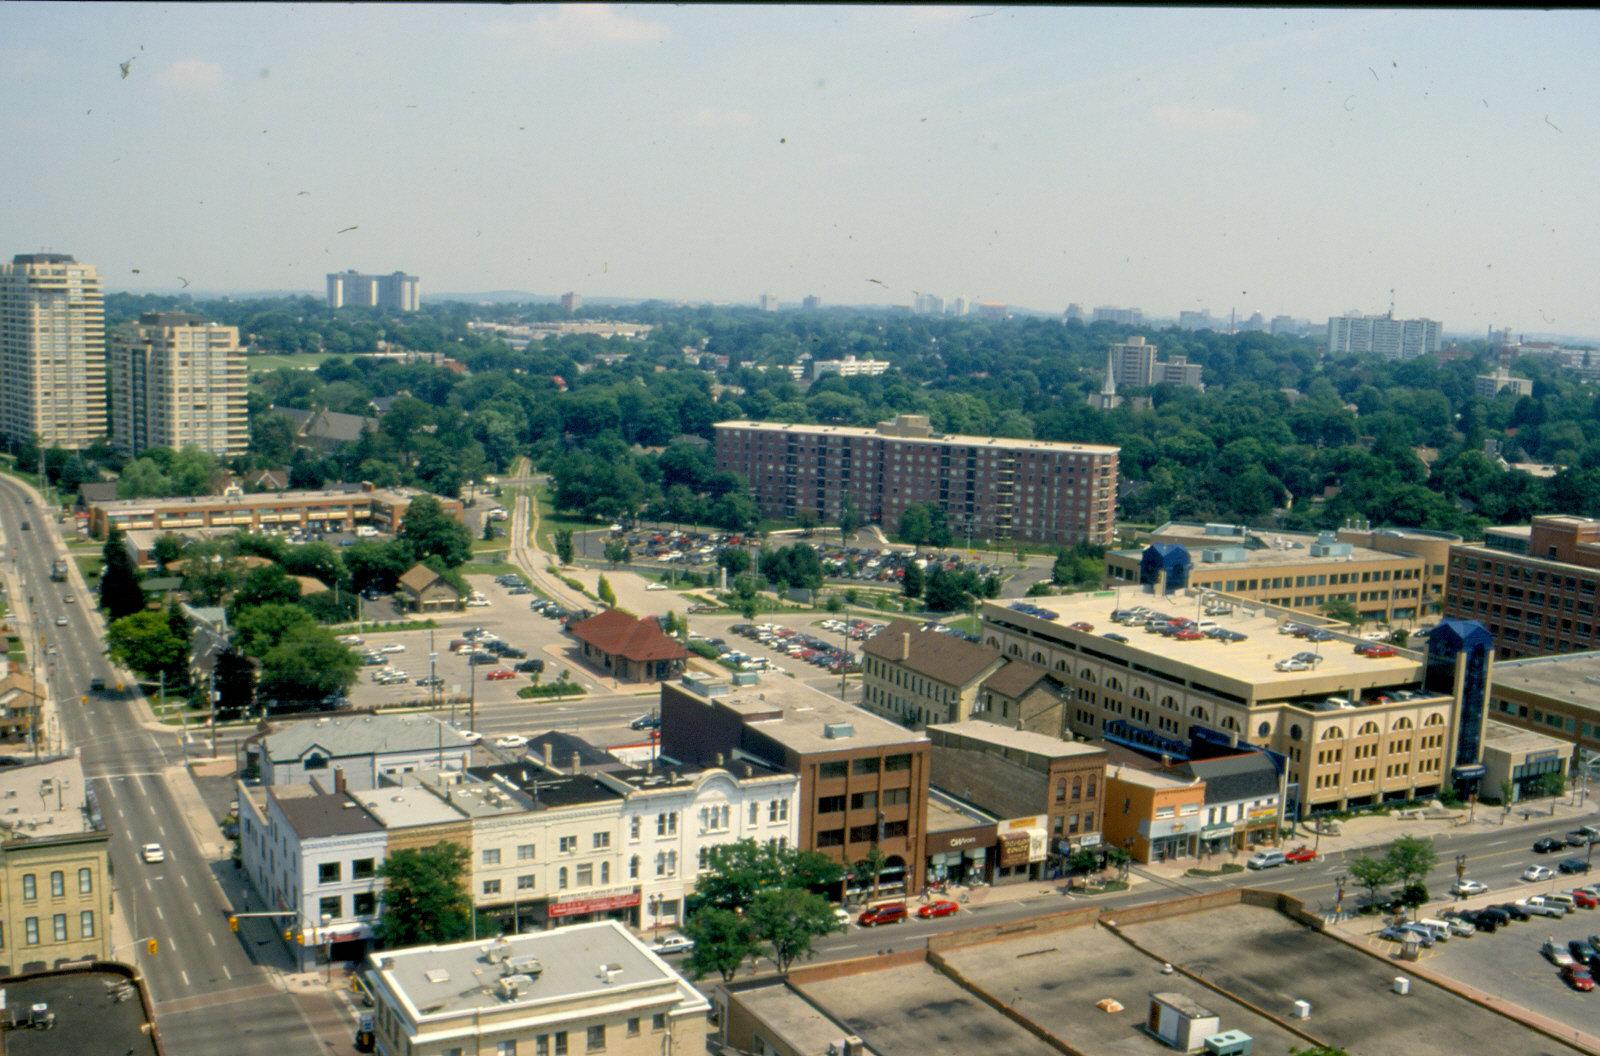 Aerial View of King Street South, Waterloo, Ontario